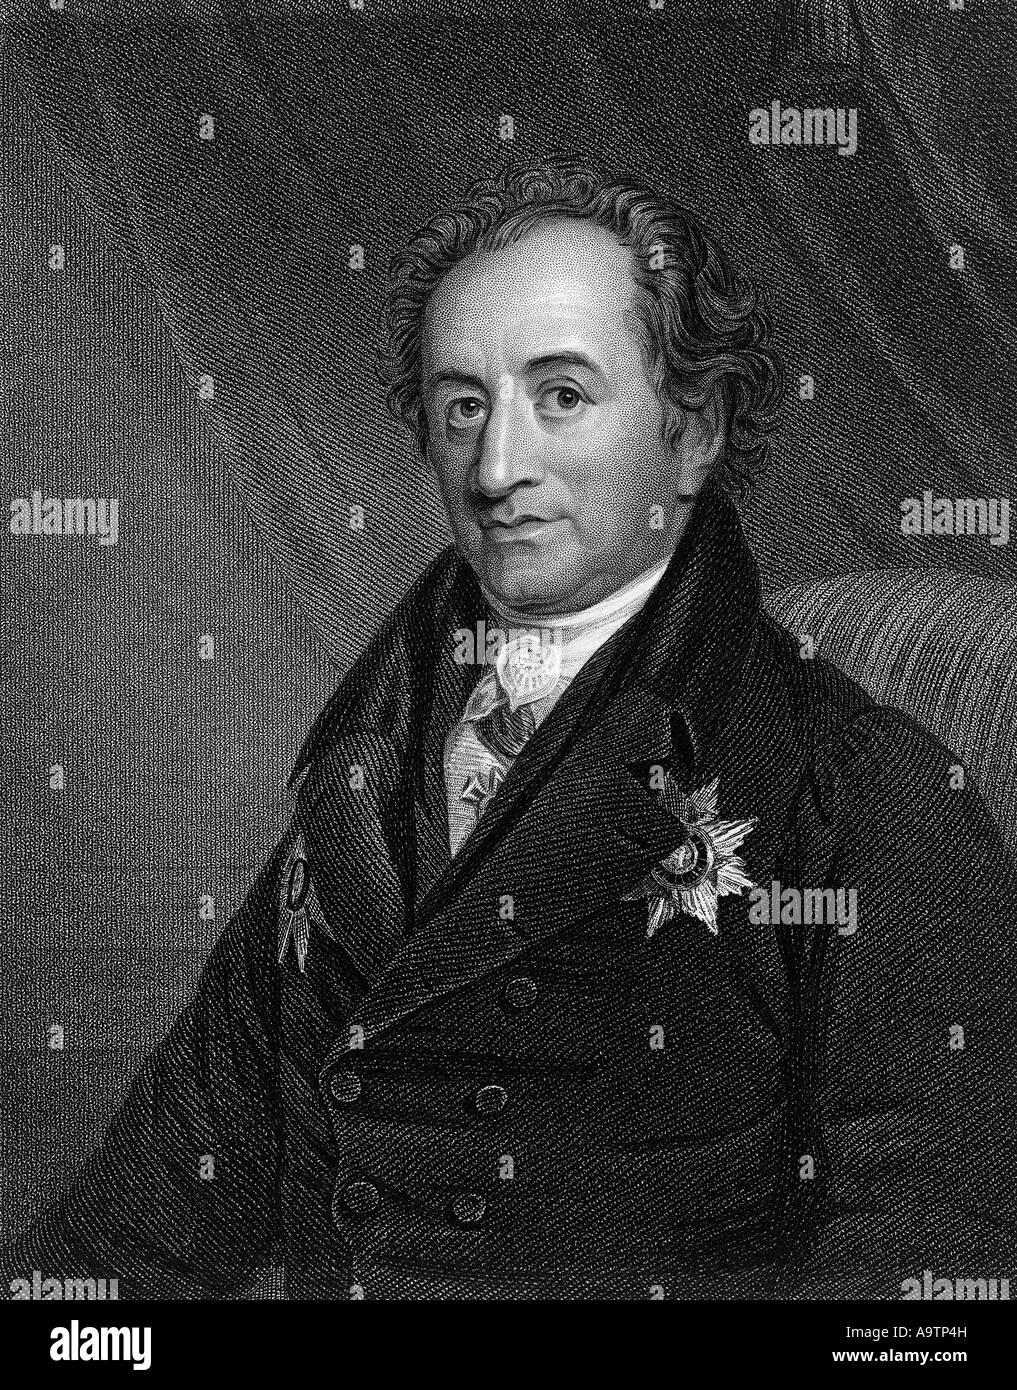 JOHANN WOLFGANG VON GOETHE (1749-1832, deutscher Schriftsteller und Wissenschaftler Stockbild